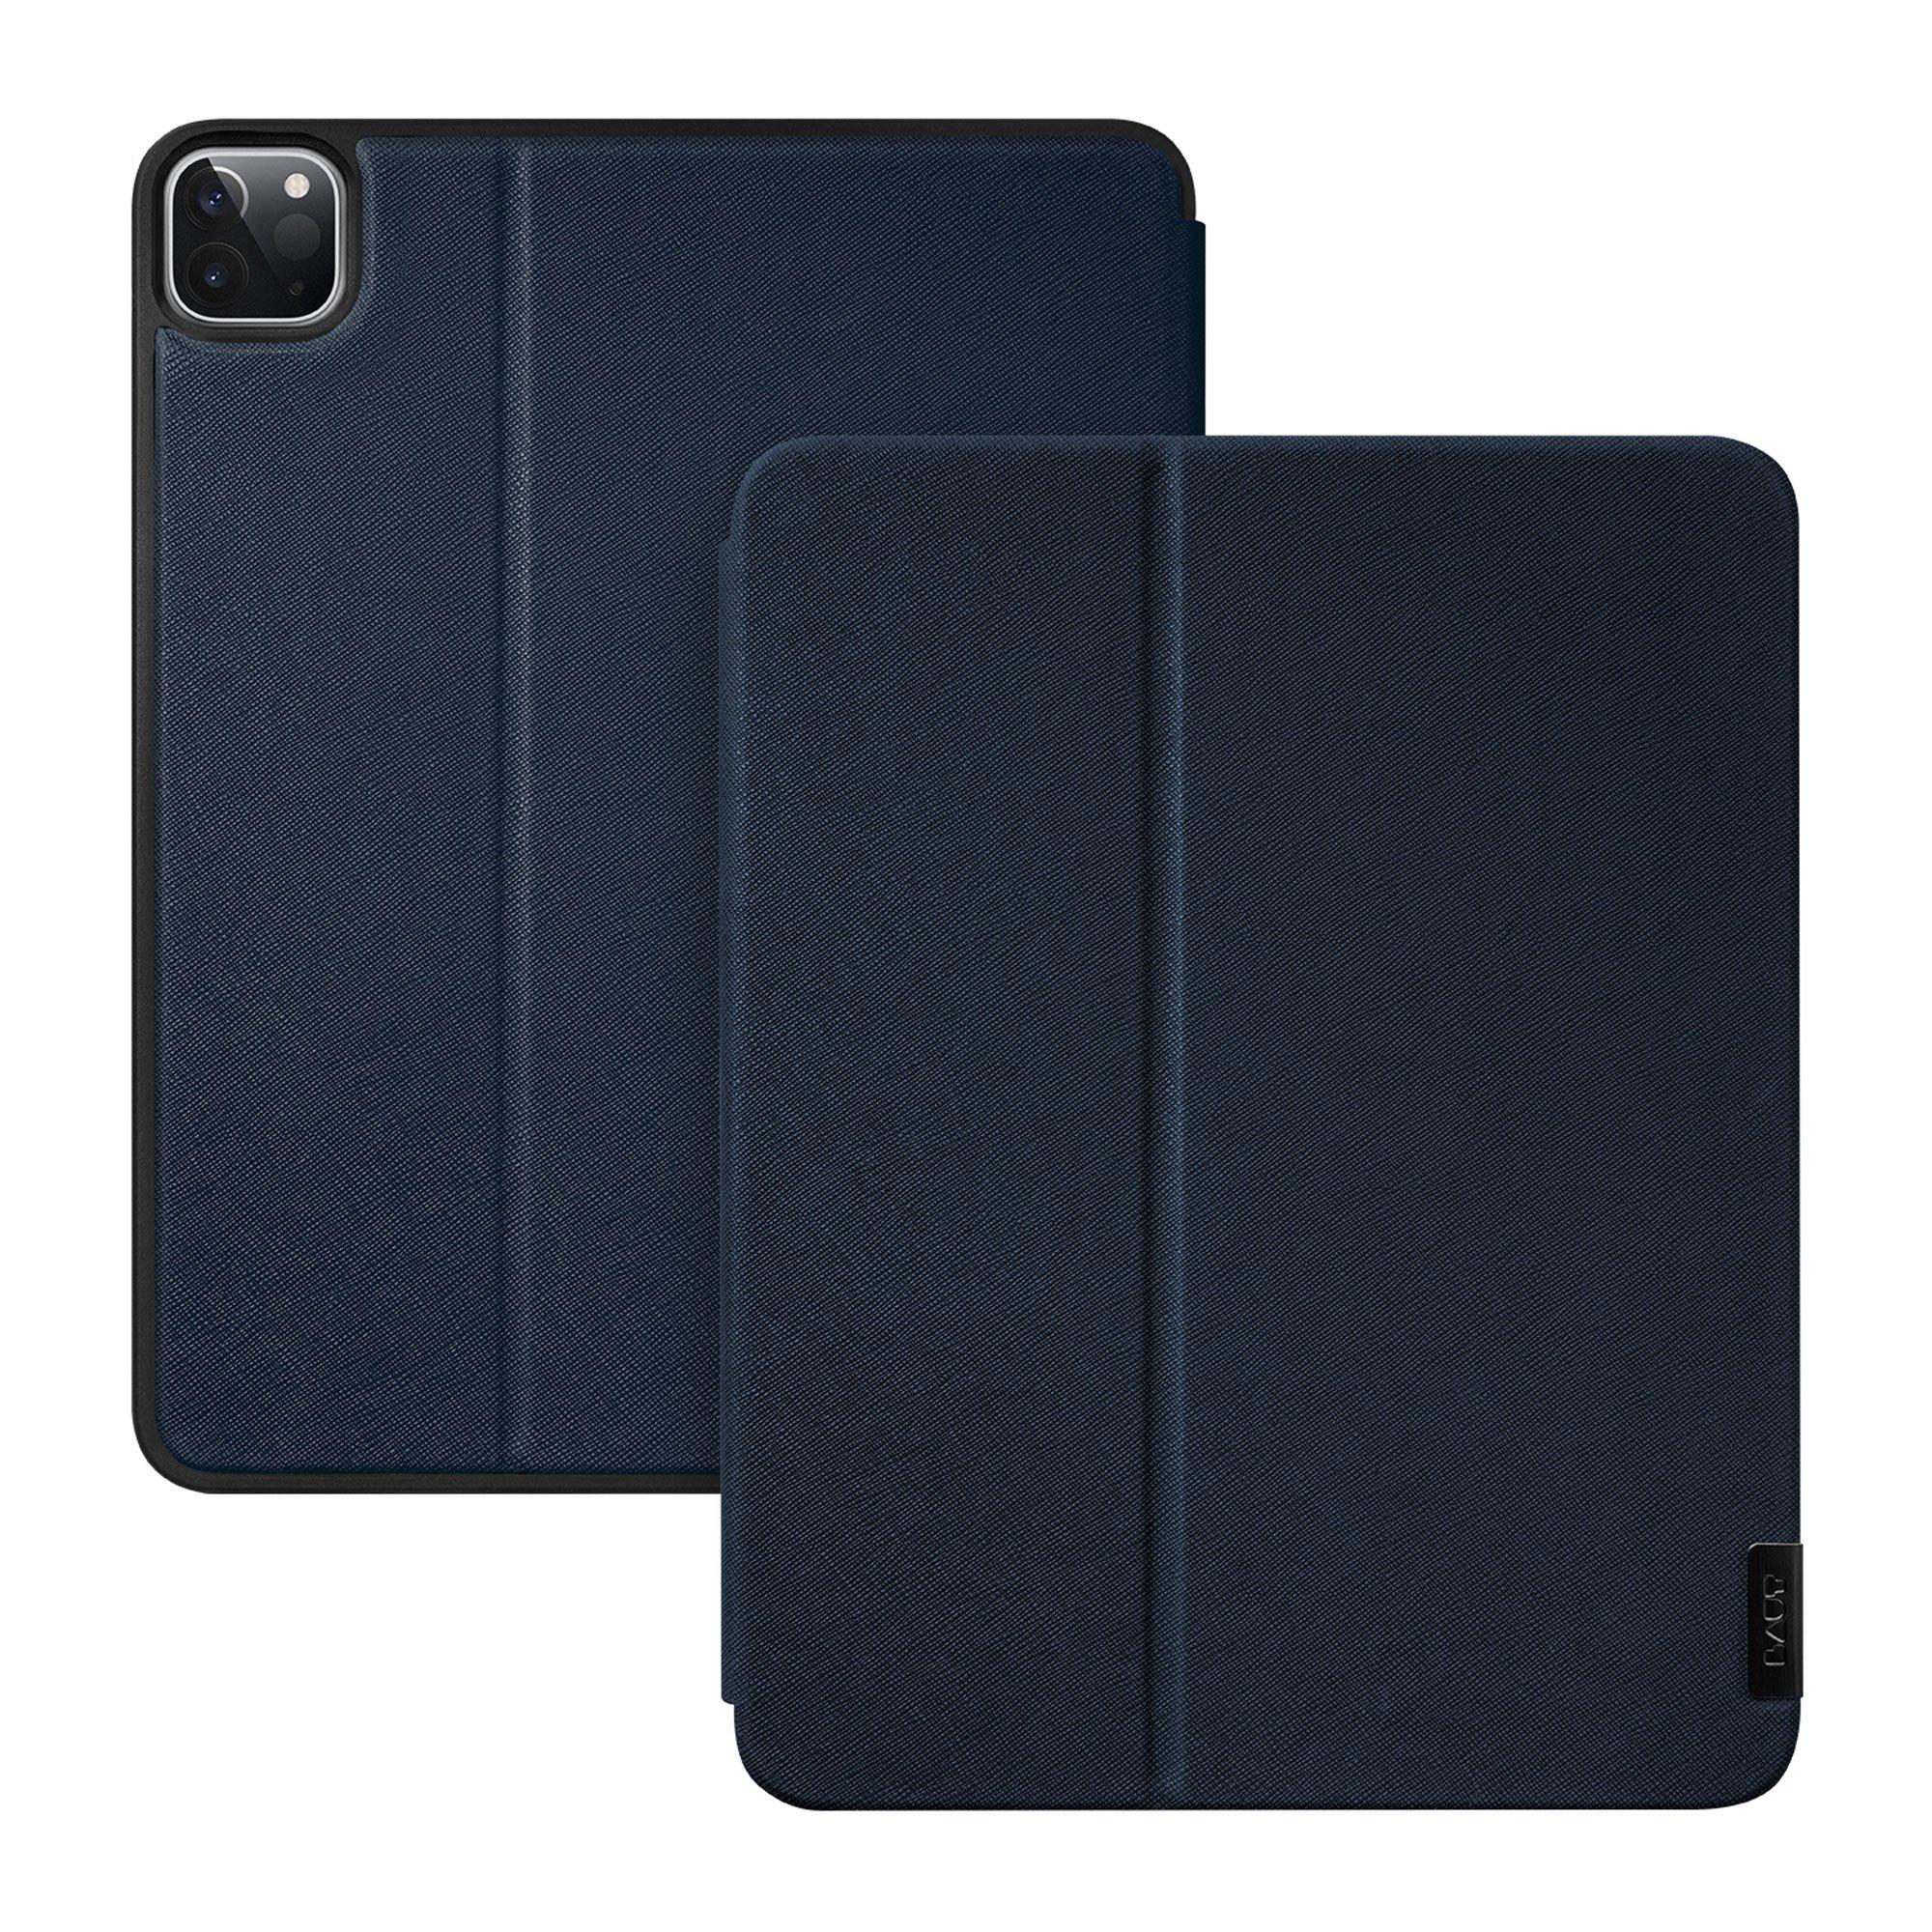 iPad Pro 12.9 (2021) Laut Prestige Folio Case (Pre-Order)